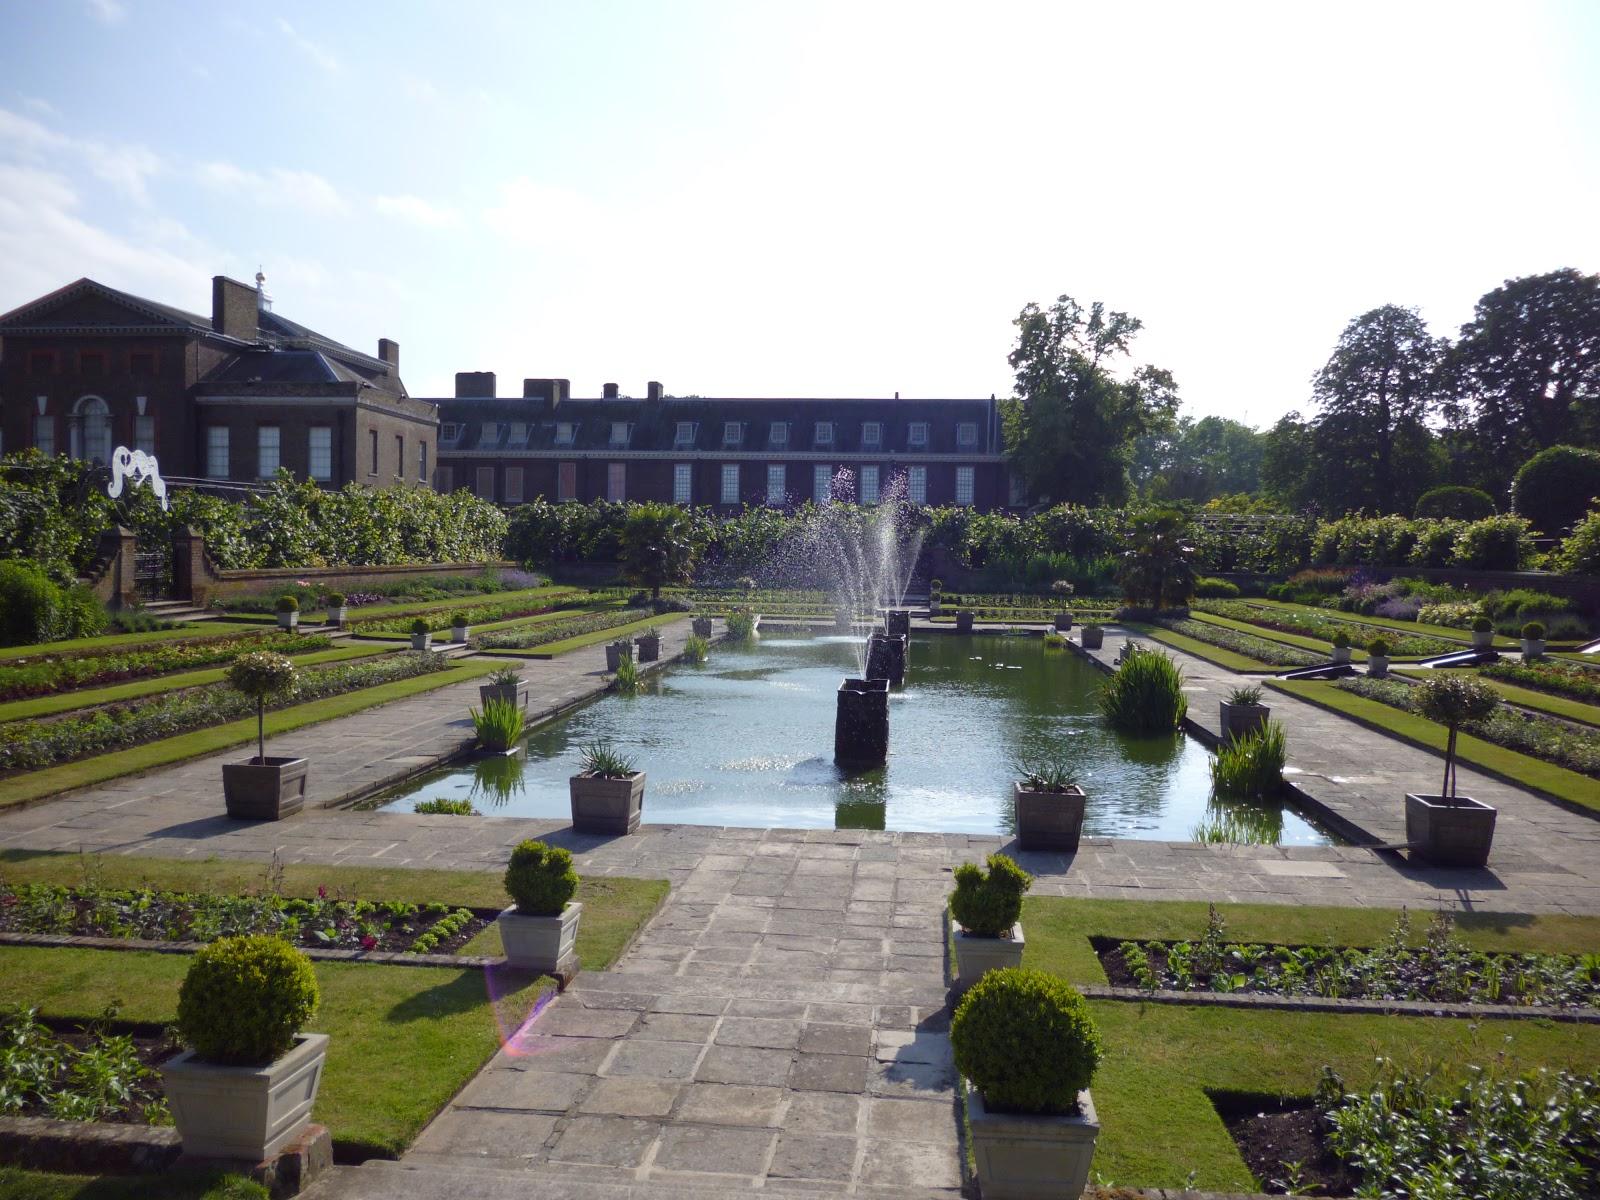 London Internship/Study Abroad: Buckingham Palace ...